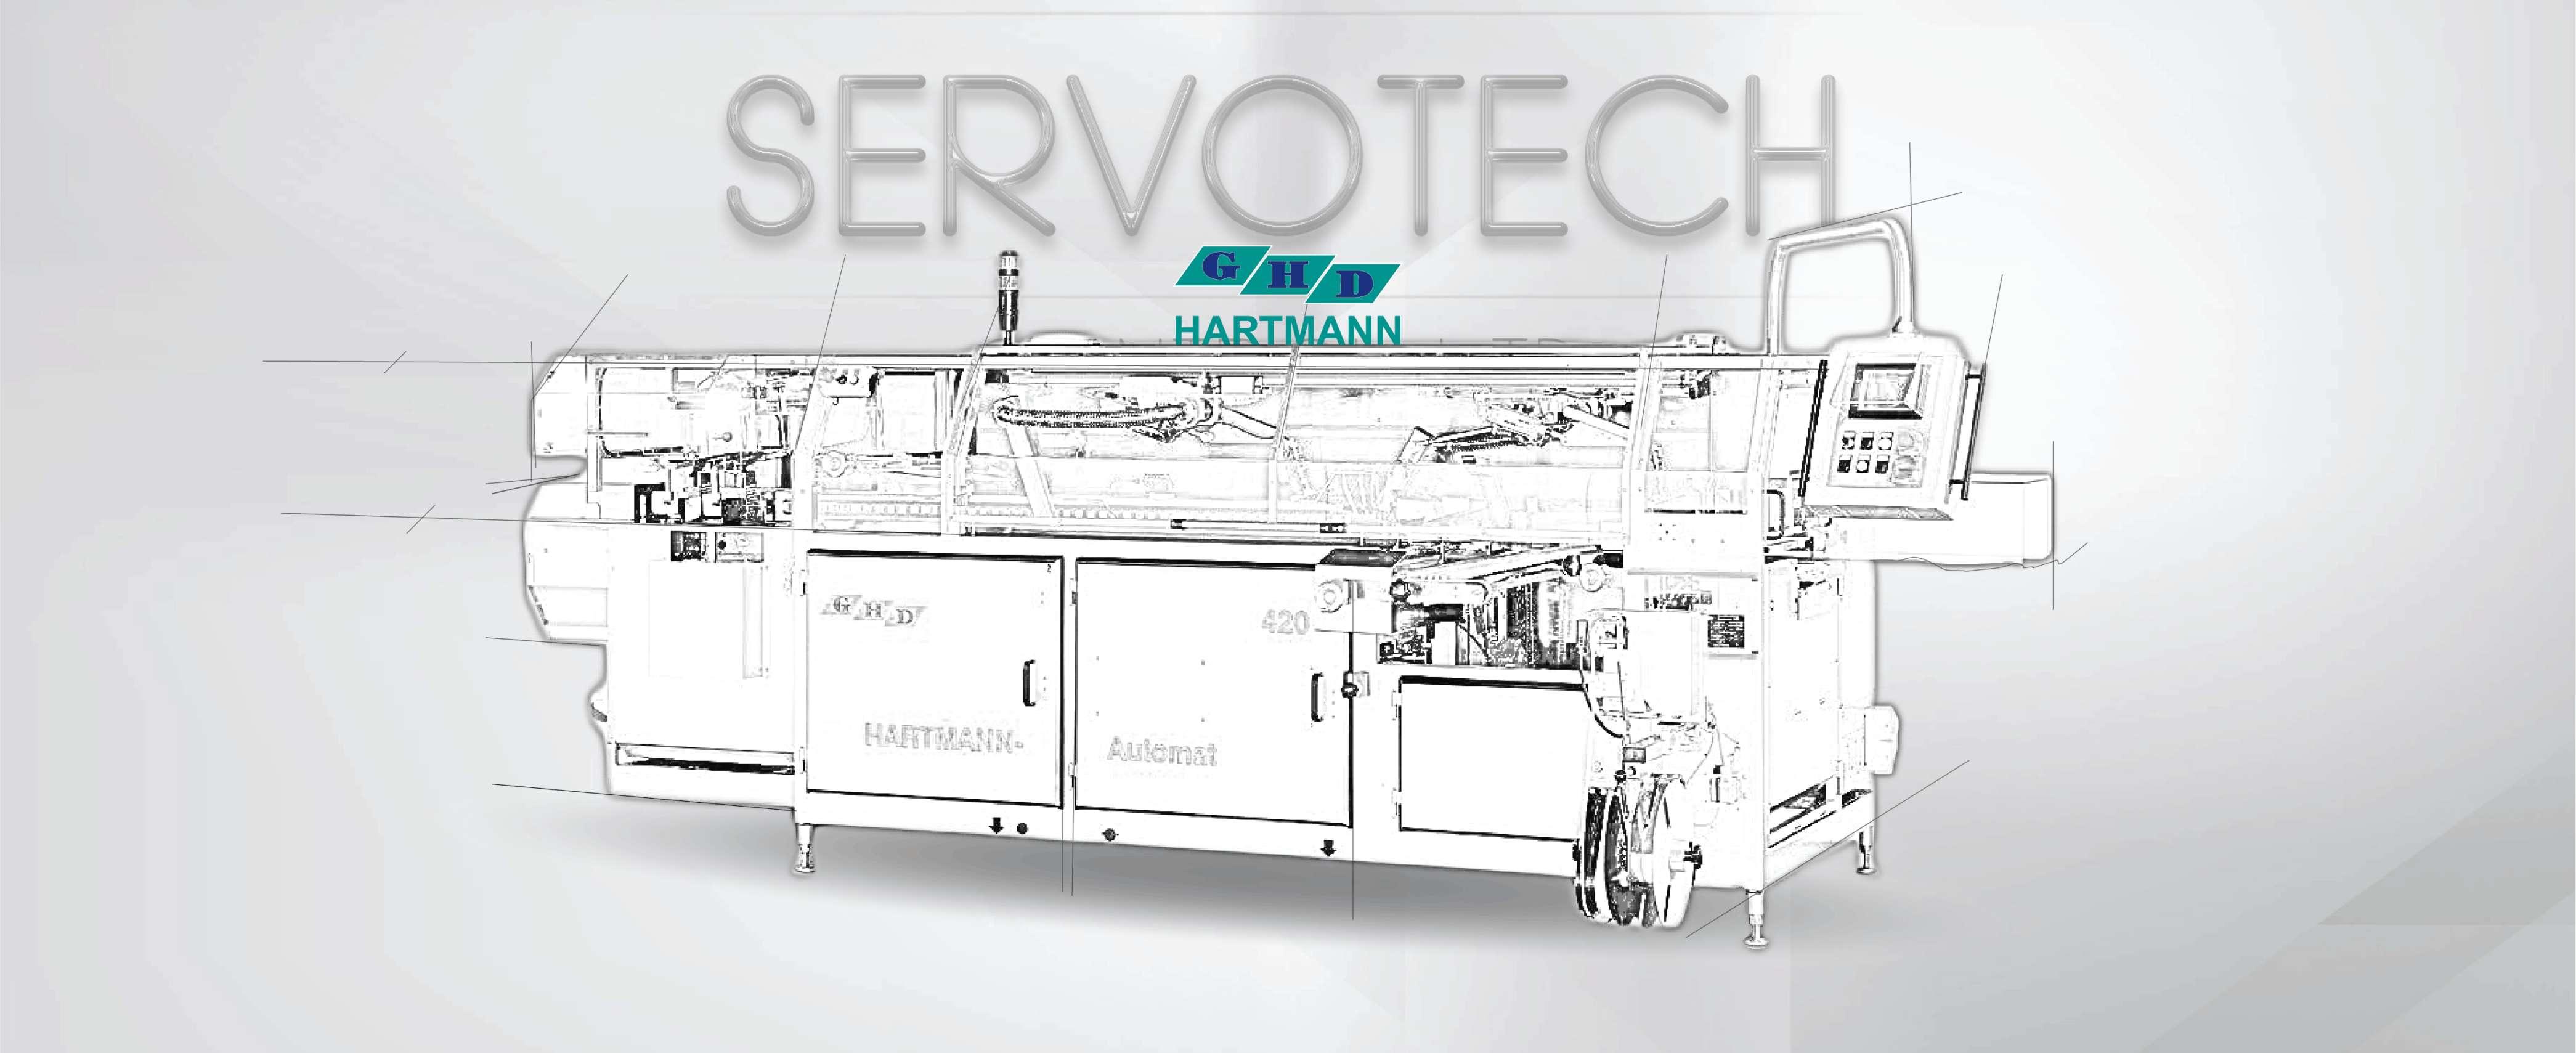 Hartmann_GBK_Servotech_Sketch